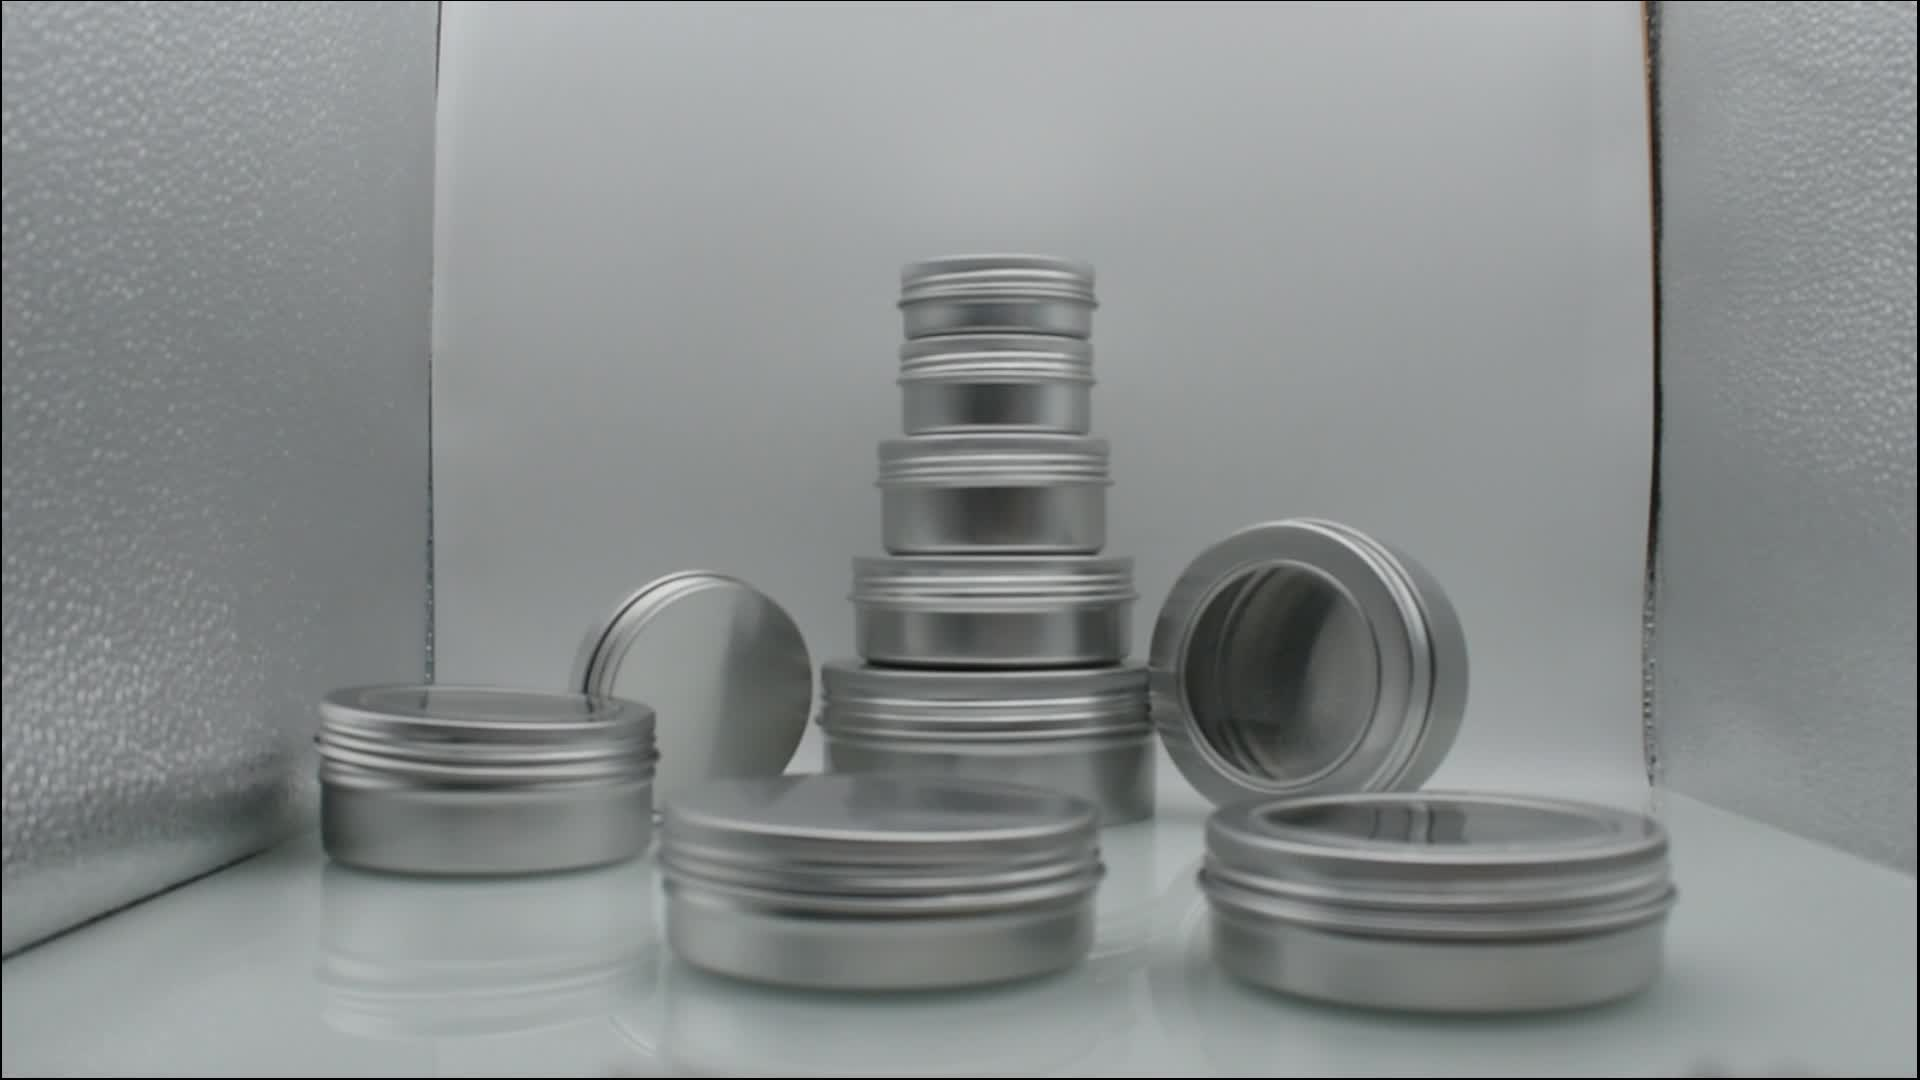 Mejor venta 150 ml tarro de aluminio tarro de caramelo fina 150 ml tarro de aluminio para cera de pelo